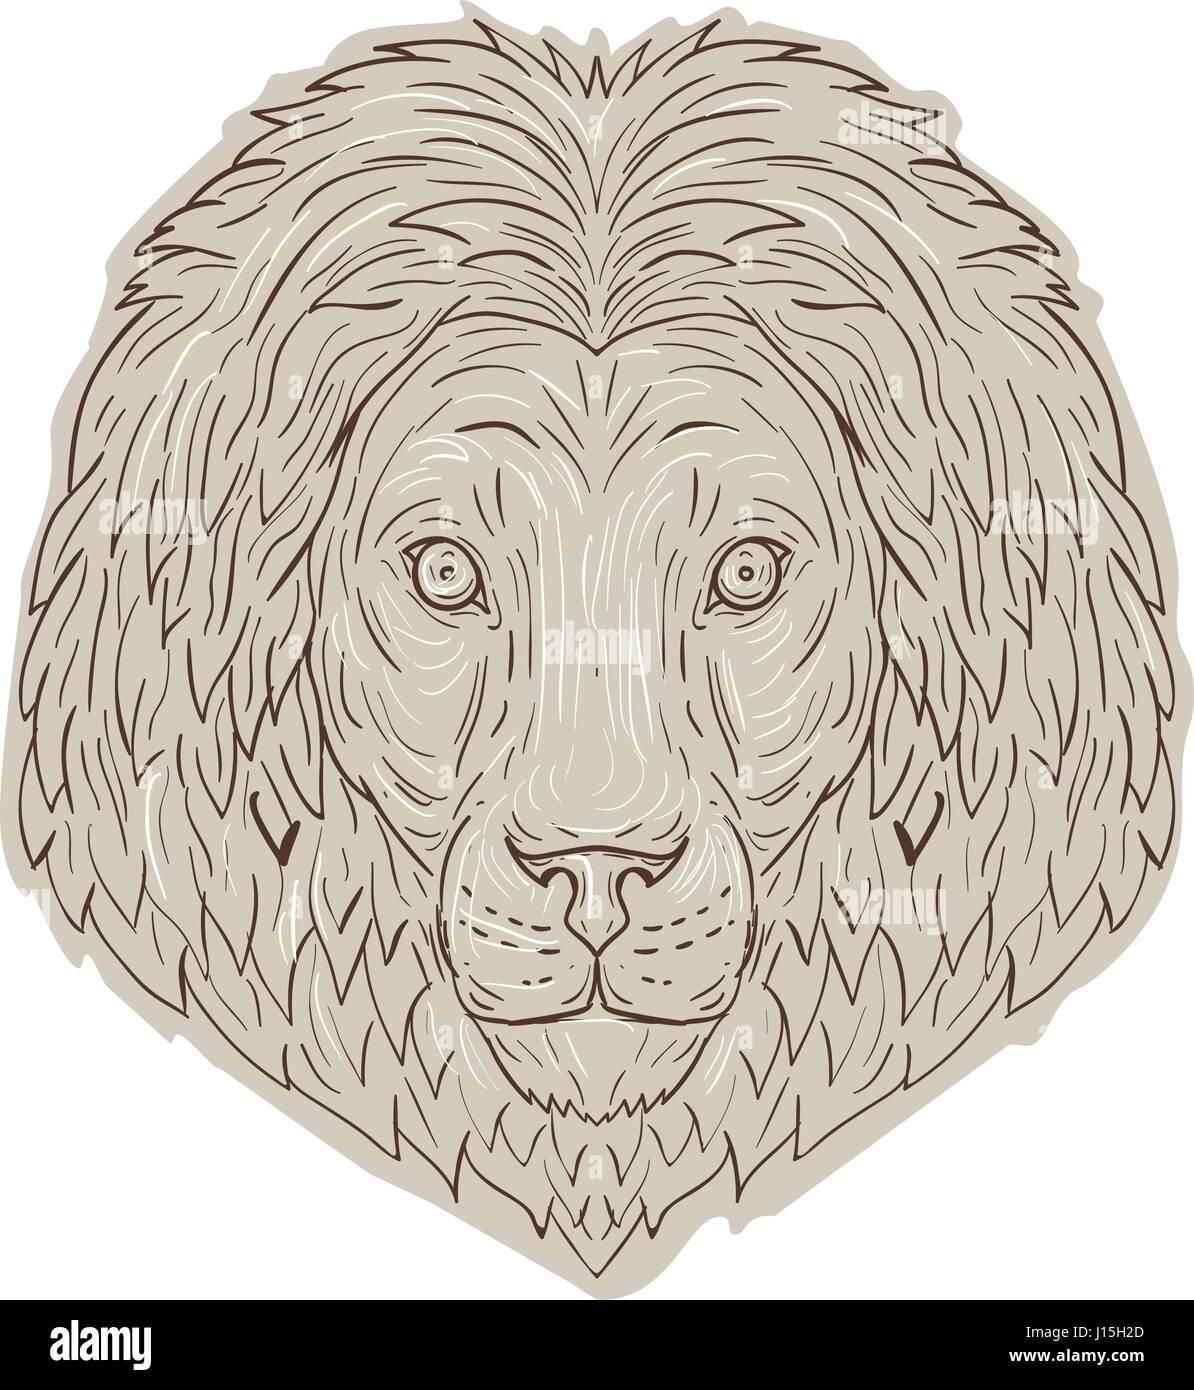 Schizzo Di Disegno Illustrazione Dello Stile Di Un Leone Gatto